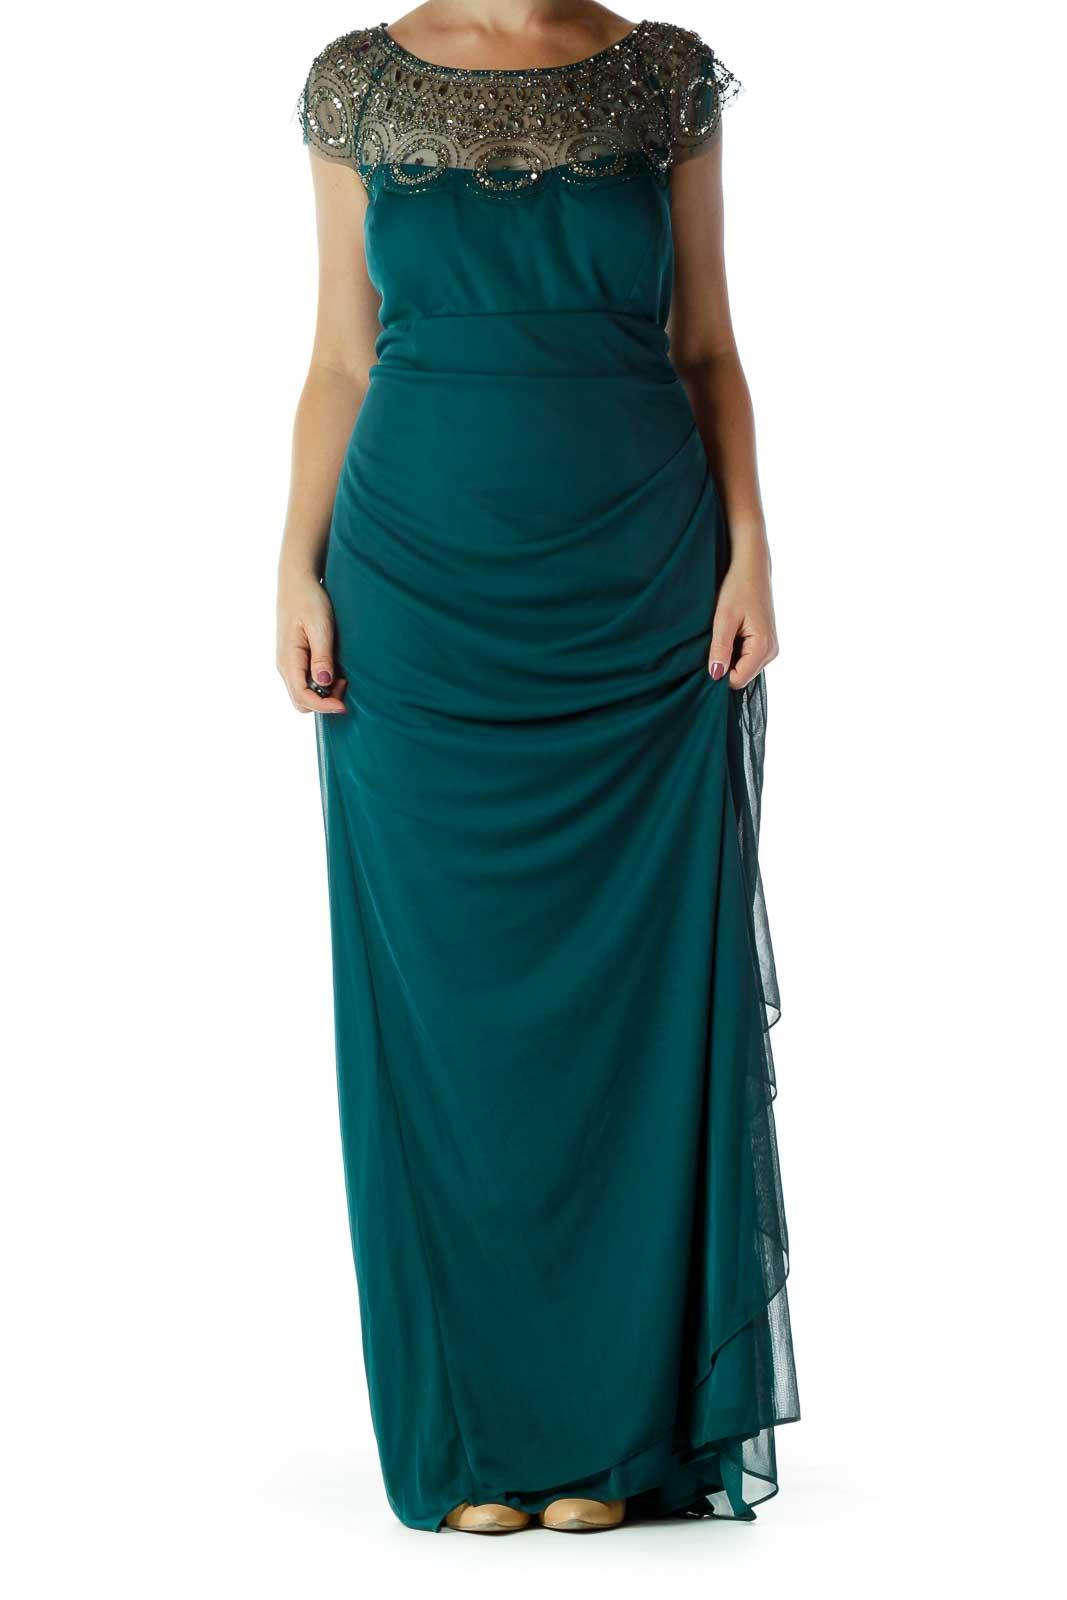 Green Beaded Evening Dress